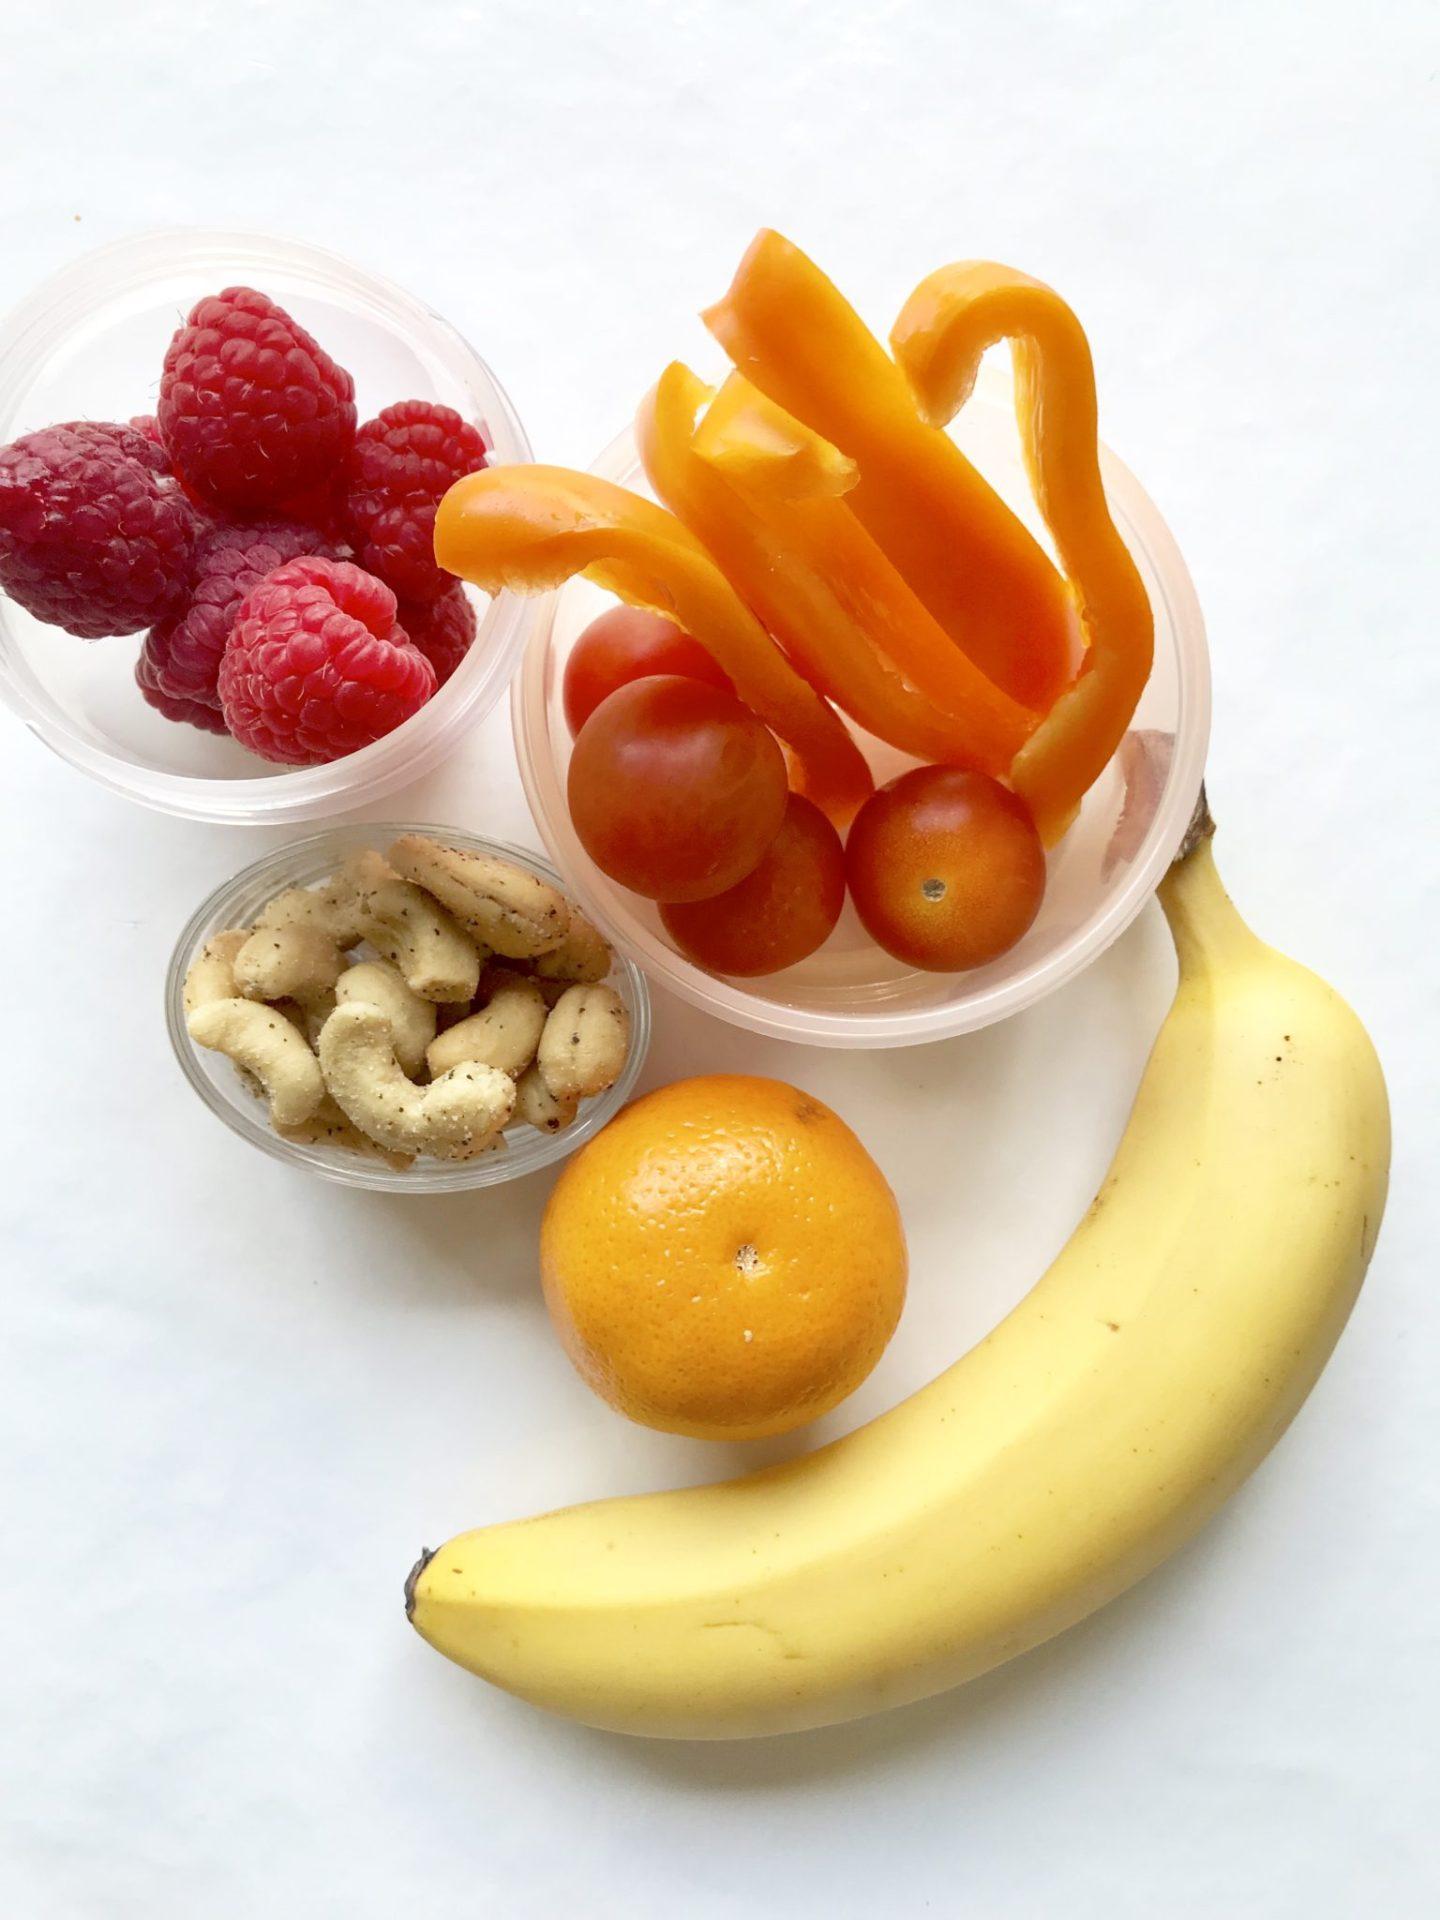 healthy kids snackbox ideas